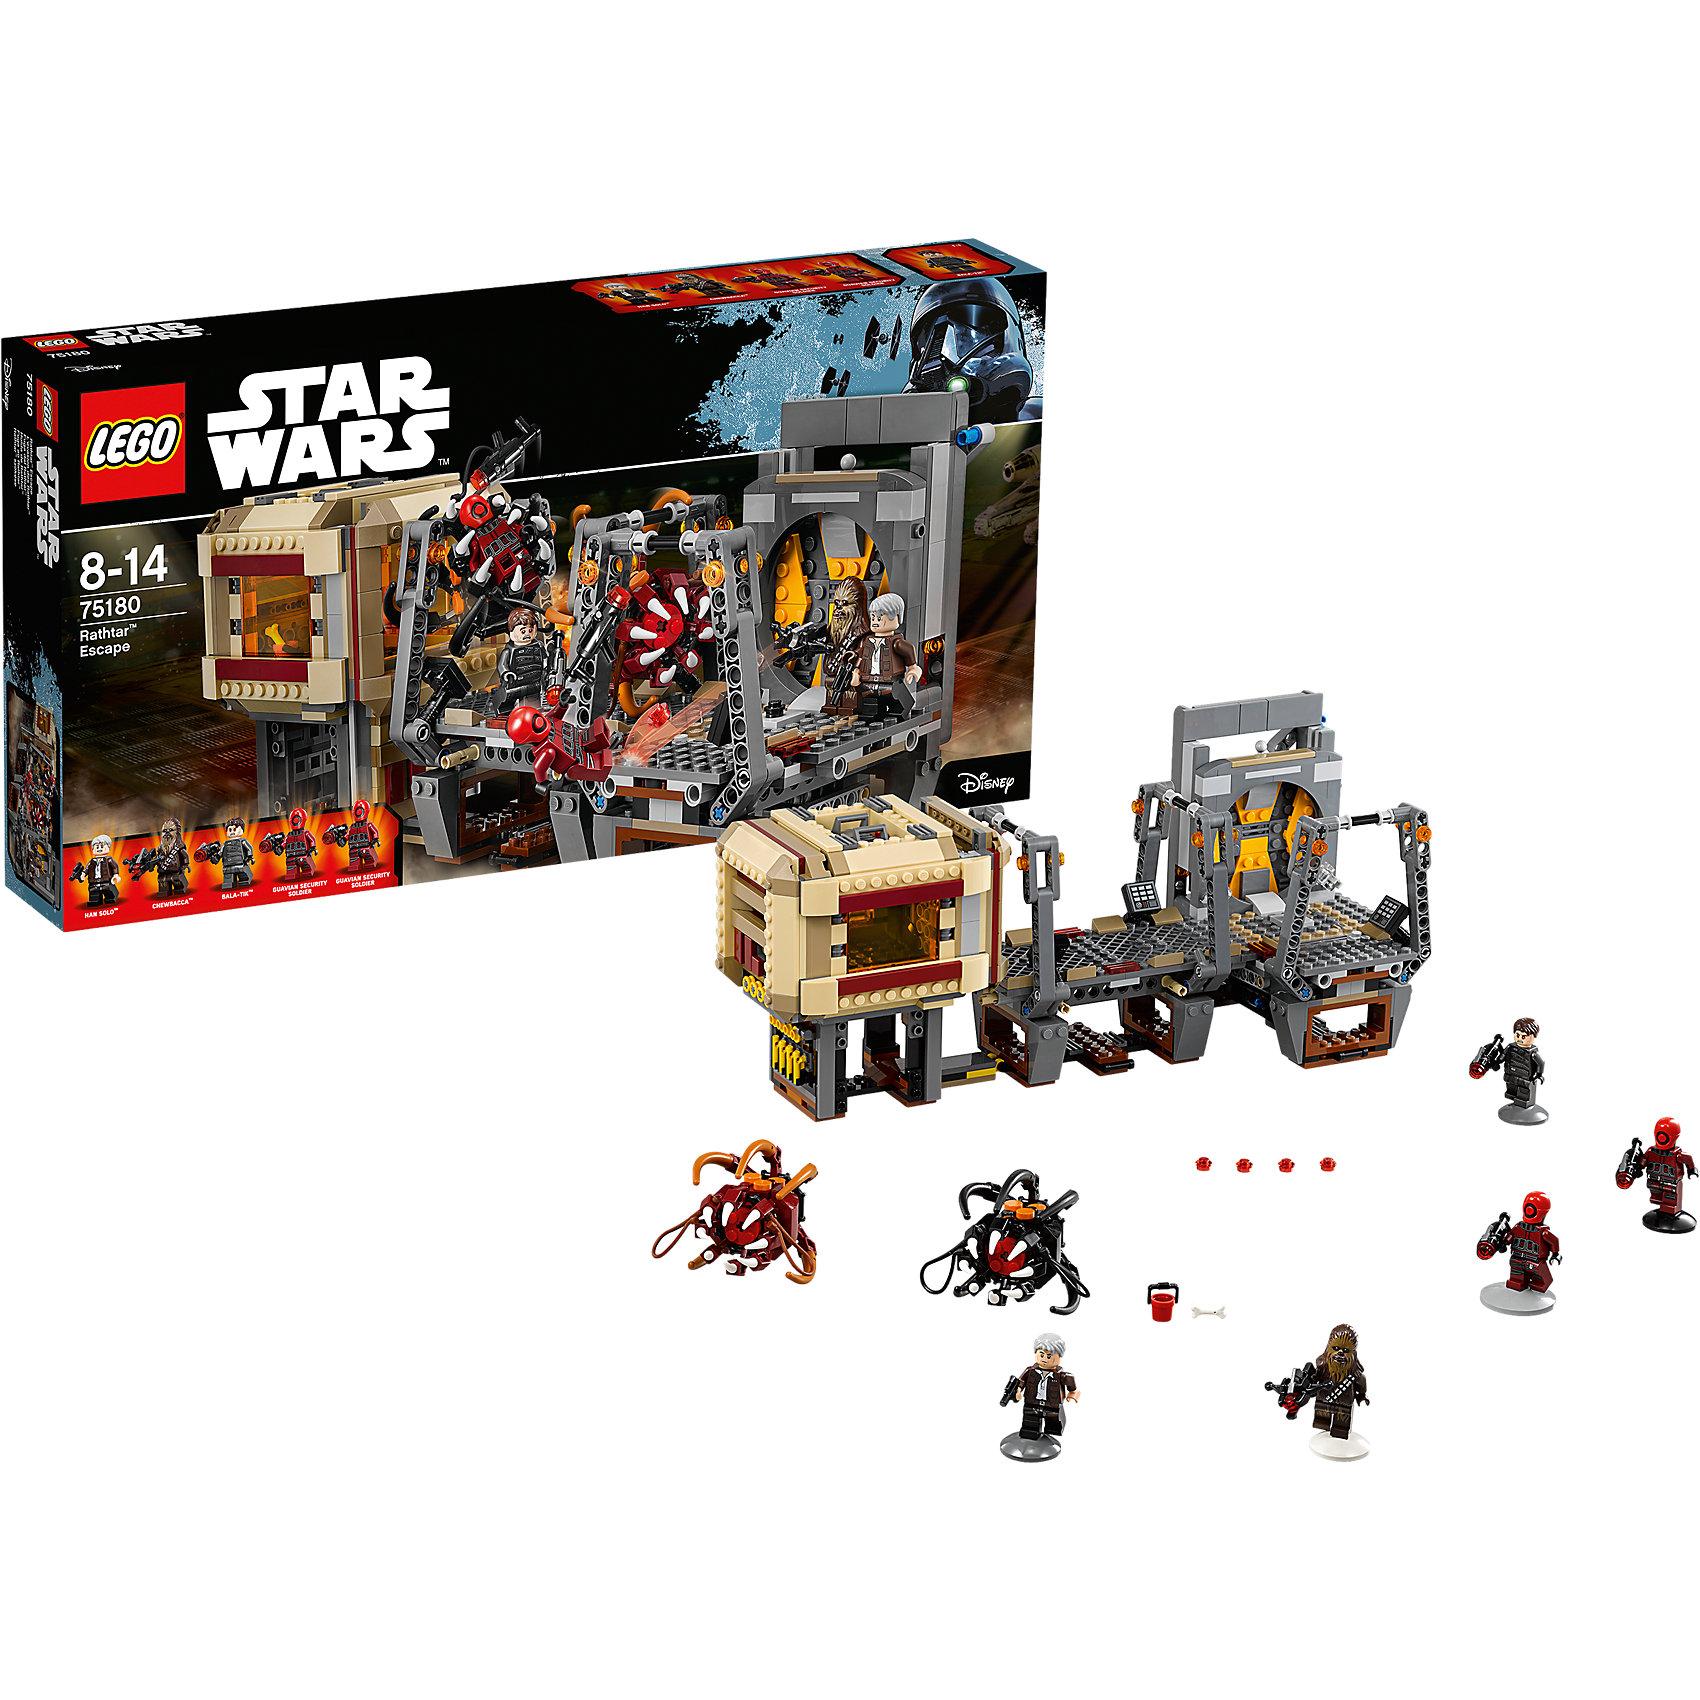 Конструктор Lego Star Wars 75180: Побег РафтараПластмассовые конструкторы<br>Характеристики товара:<br><br>• возраст: от 8 лет;<br>• материал: пластик;<br>• в комплекте: 836 деталей;<br>• количество минифигурок: 5;<br>• размер упаковки: 54х28,2х7,9 см;<br>• вес упаковки: 1,12 кг;<br>• страна производитель: Чехия.<br><br>Конструктор Lego Star Wars «Побег Рафтара» создан по мотивам 7 эпизода известной космической саги «Звездные войны: Пробуждение силы». Хан Соло и Чубакка атакуют группировки контрабандистов, которые пришли потребовать с Хана Соло его долги. Сражение происходит на корабле, на котором спрятаны противные монстры рафтары.<br><br>Из элементов конструктора предстоит собрать 5 фигурок персонажей, монстров и корабль. Все детали выполнены из качественных безопасных материалов. В процессе сборки конструктора у детей развиваются мелкая моторика рук, усидчивость, логическое мышление.<br><br>Конструктор Lego Star Wars «Побег Рафтара» можно приобрести в нашем интернет-магазине.<br><br>Ширина мм: 539<br>Глубина мм: 283<br>Высота мм: 83<br>Вес г: 1118<br>Возраст от месяцев: 96<br>Возраст до месяцев: 2147483647<br>Пол: Мужской<br>Возраст: Детский<br>SKU: 5619984